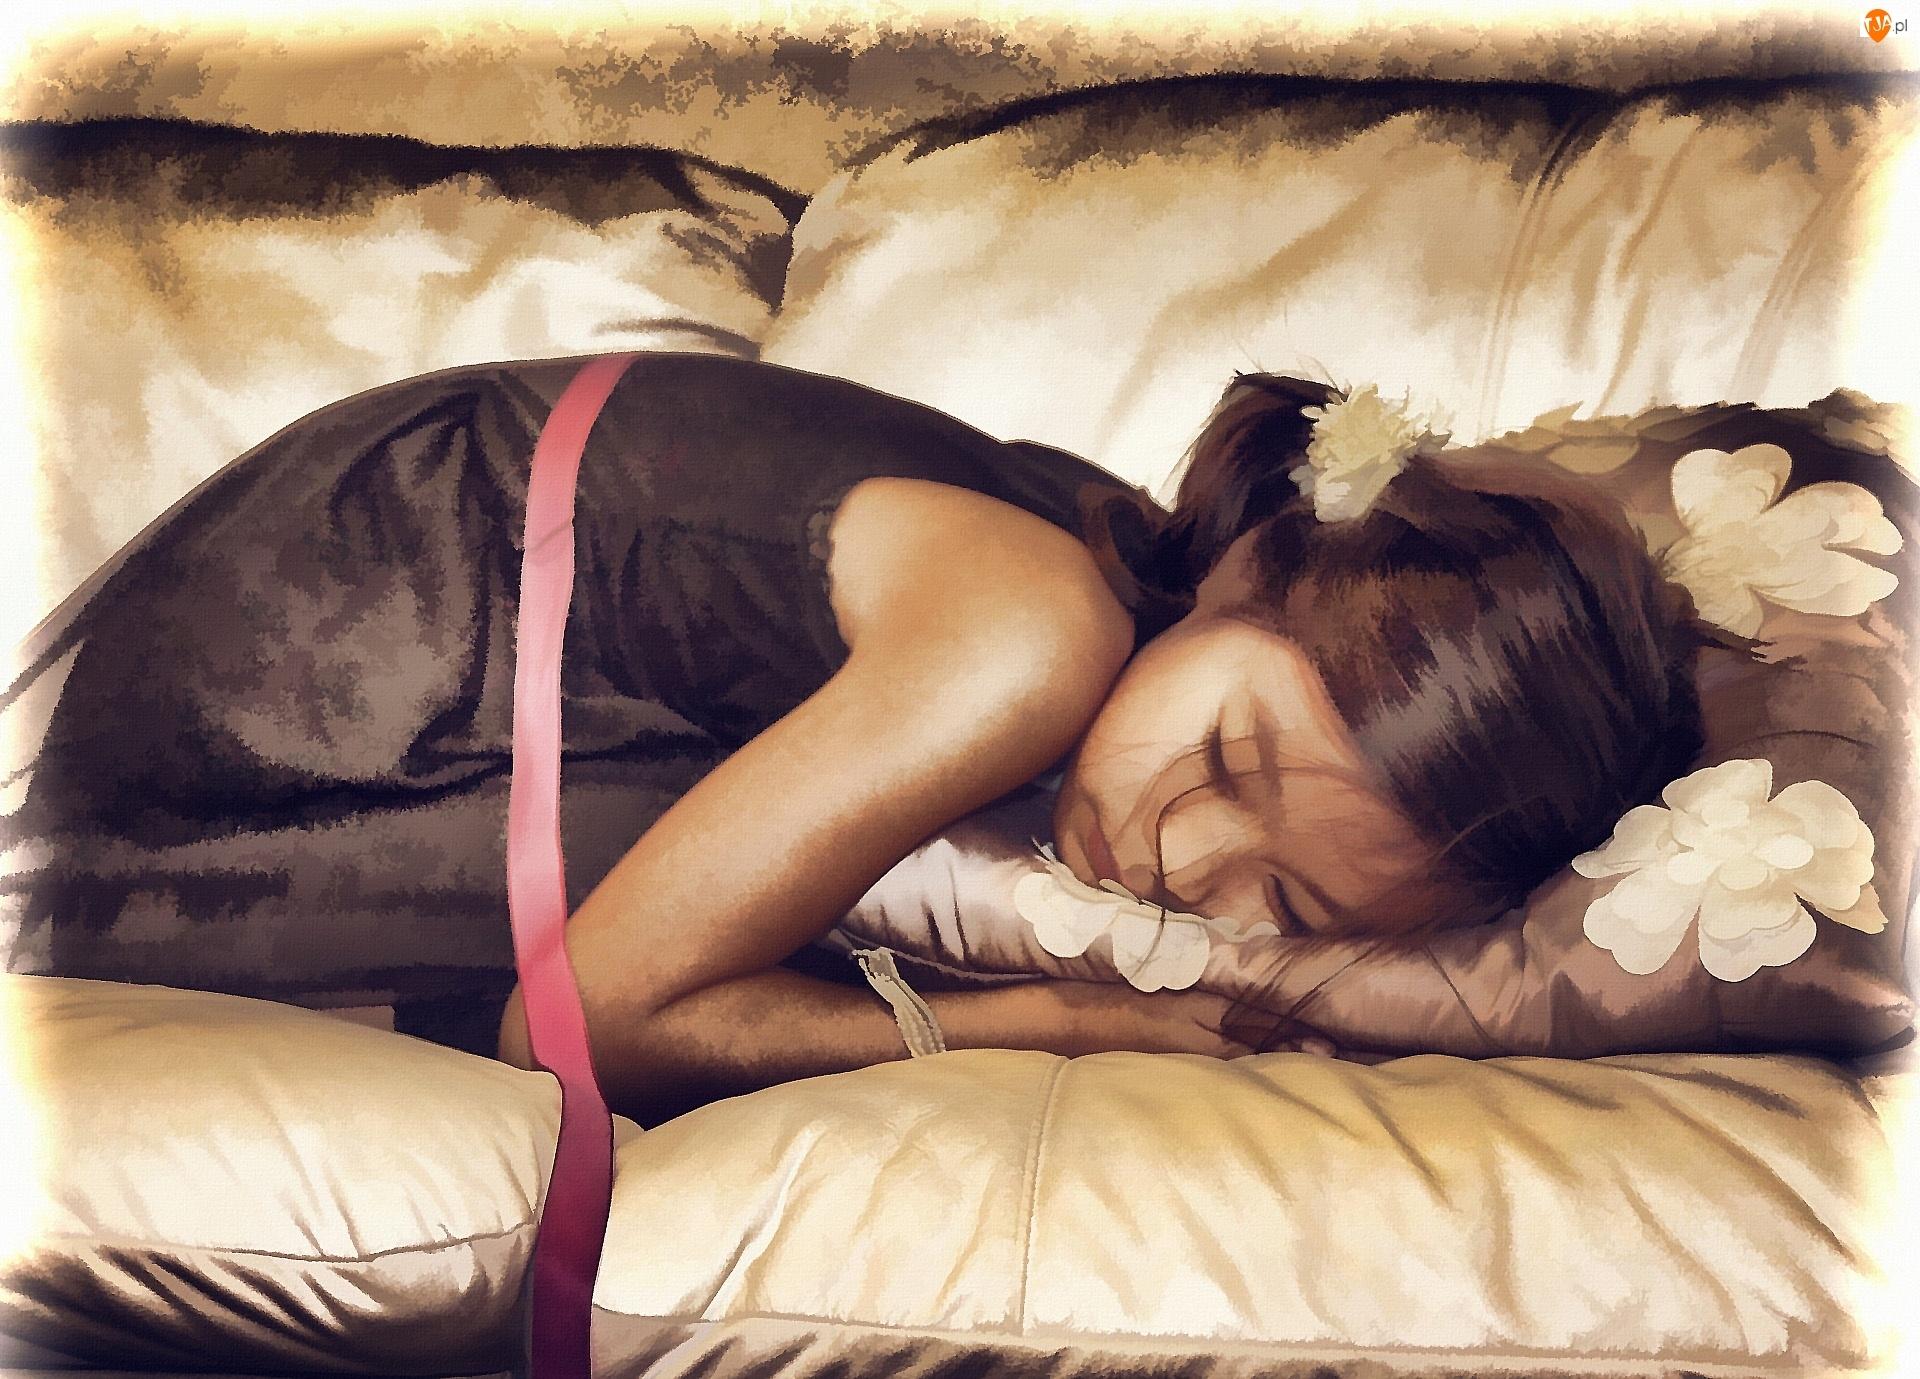 Poduszki, Śpiąca, Malarstwo, Dziewczynka, Obraz